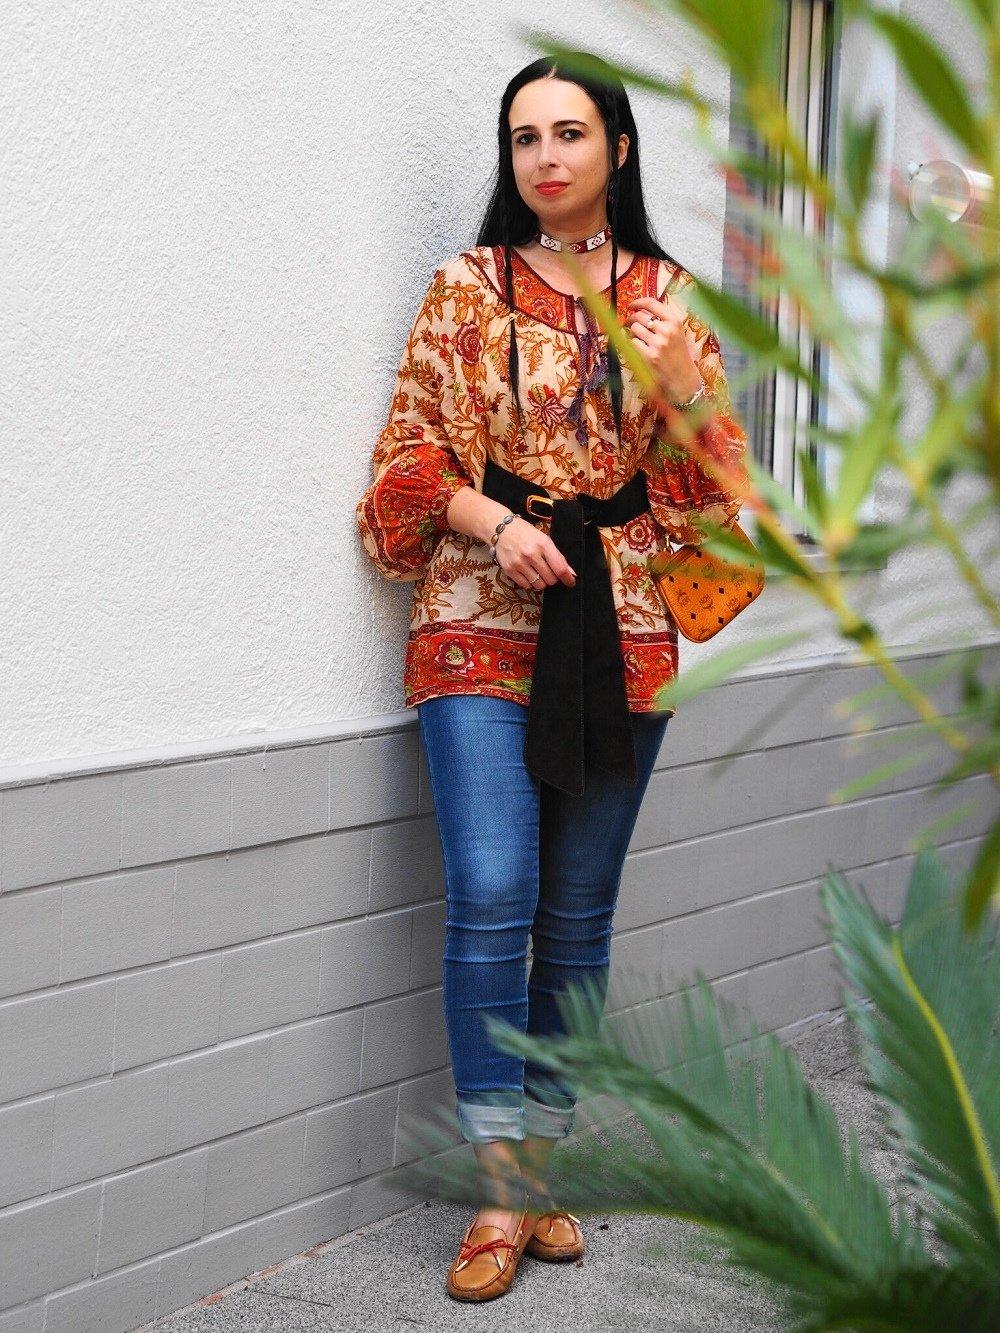 Heute zeige ich euch ein Indian Summer Outfit passend zum Herbst und erzähle euch die Geschichte von der echten Pocahontas